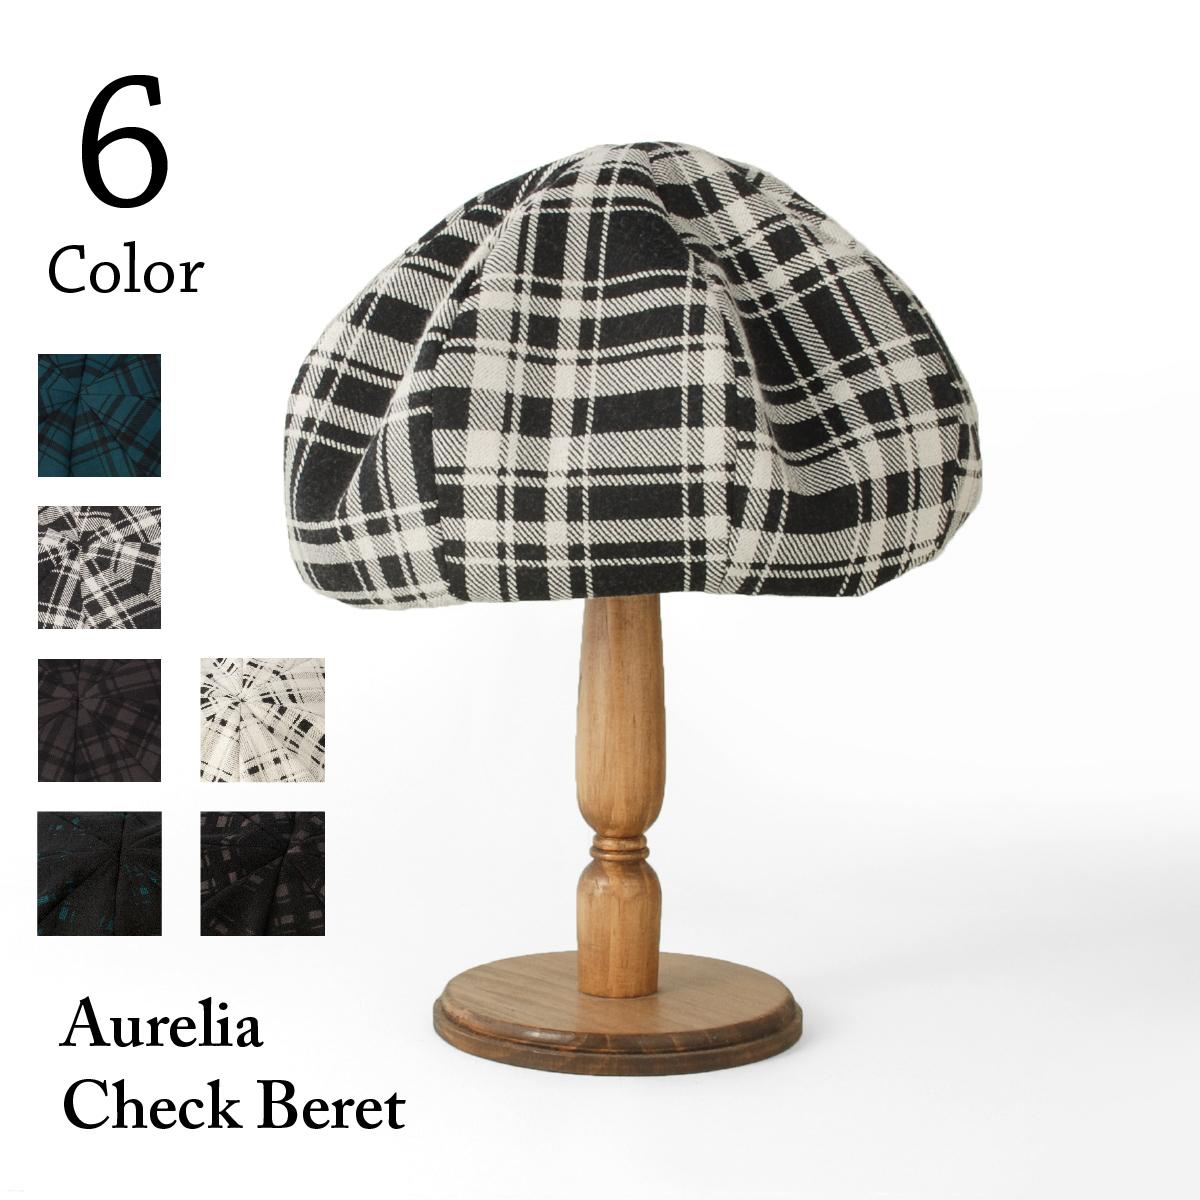 帽子 メンズ レディース 人気 おすすめ サイズ調整付き 起毛素材 アウレリア 母の日 チェック柄ベレー帽 Aurelia アウトレットセール 特集 ギフト 日本製 送料無料 父の日 2021